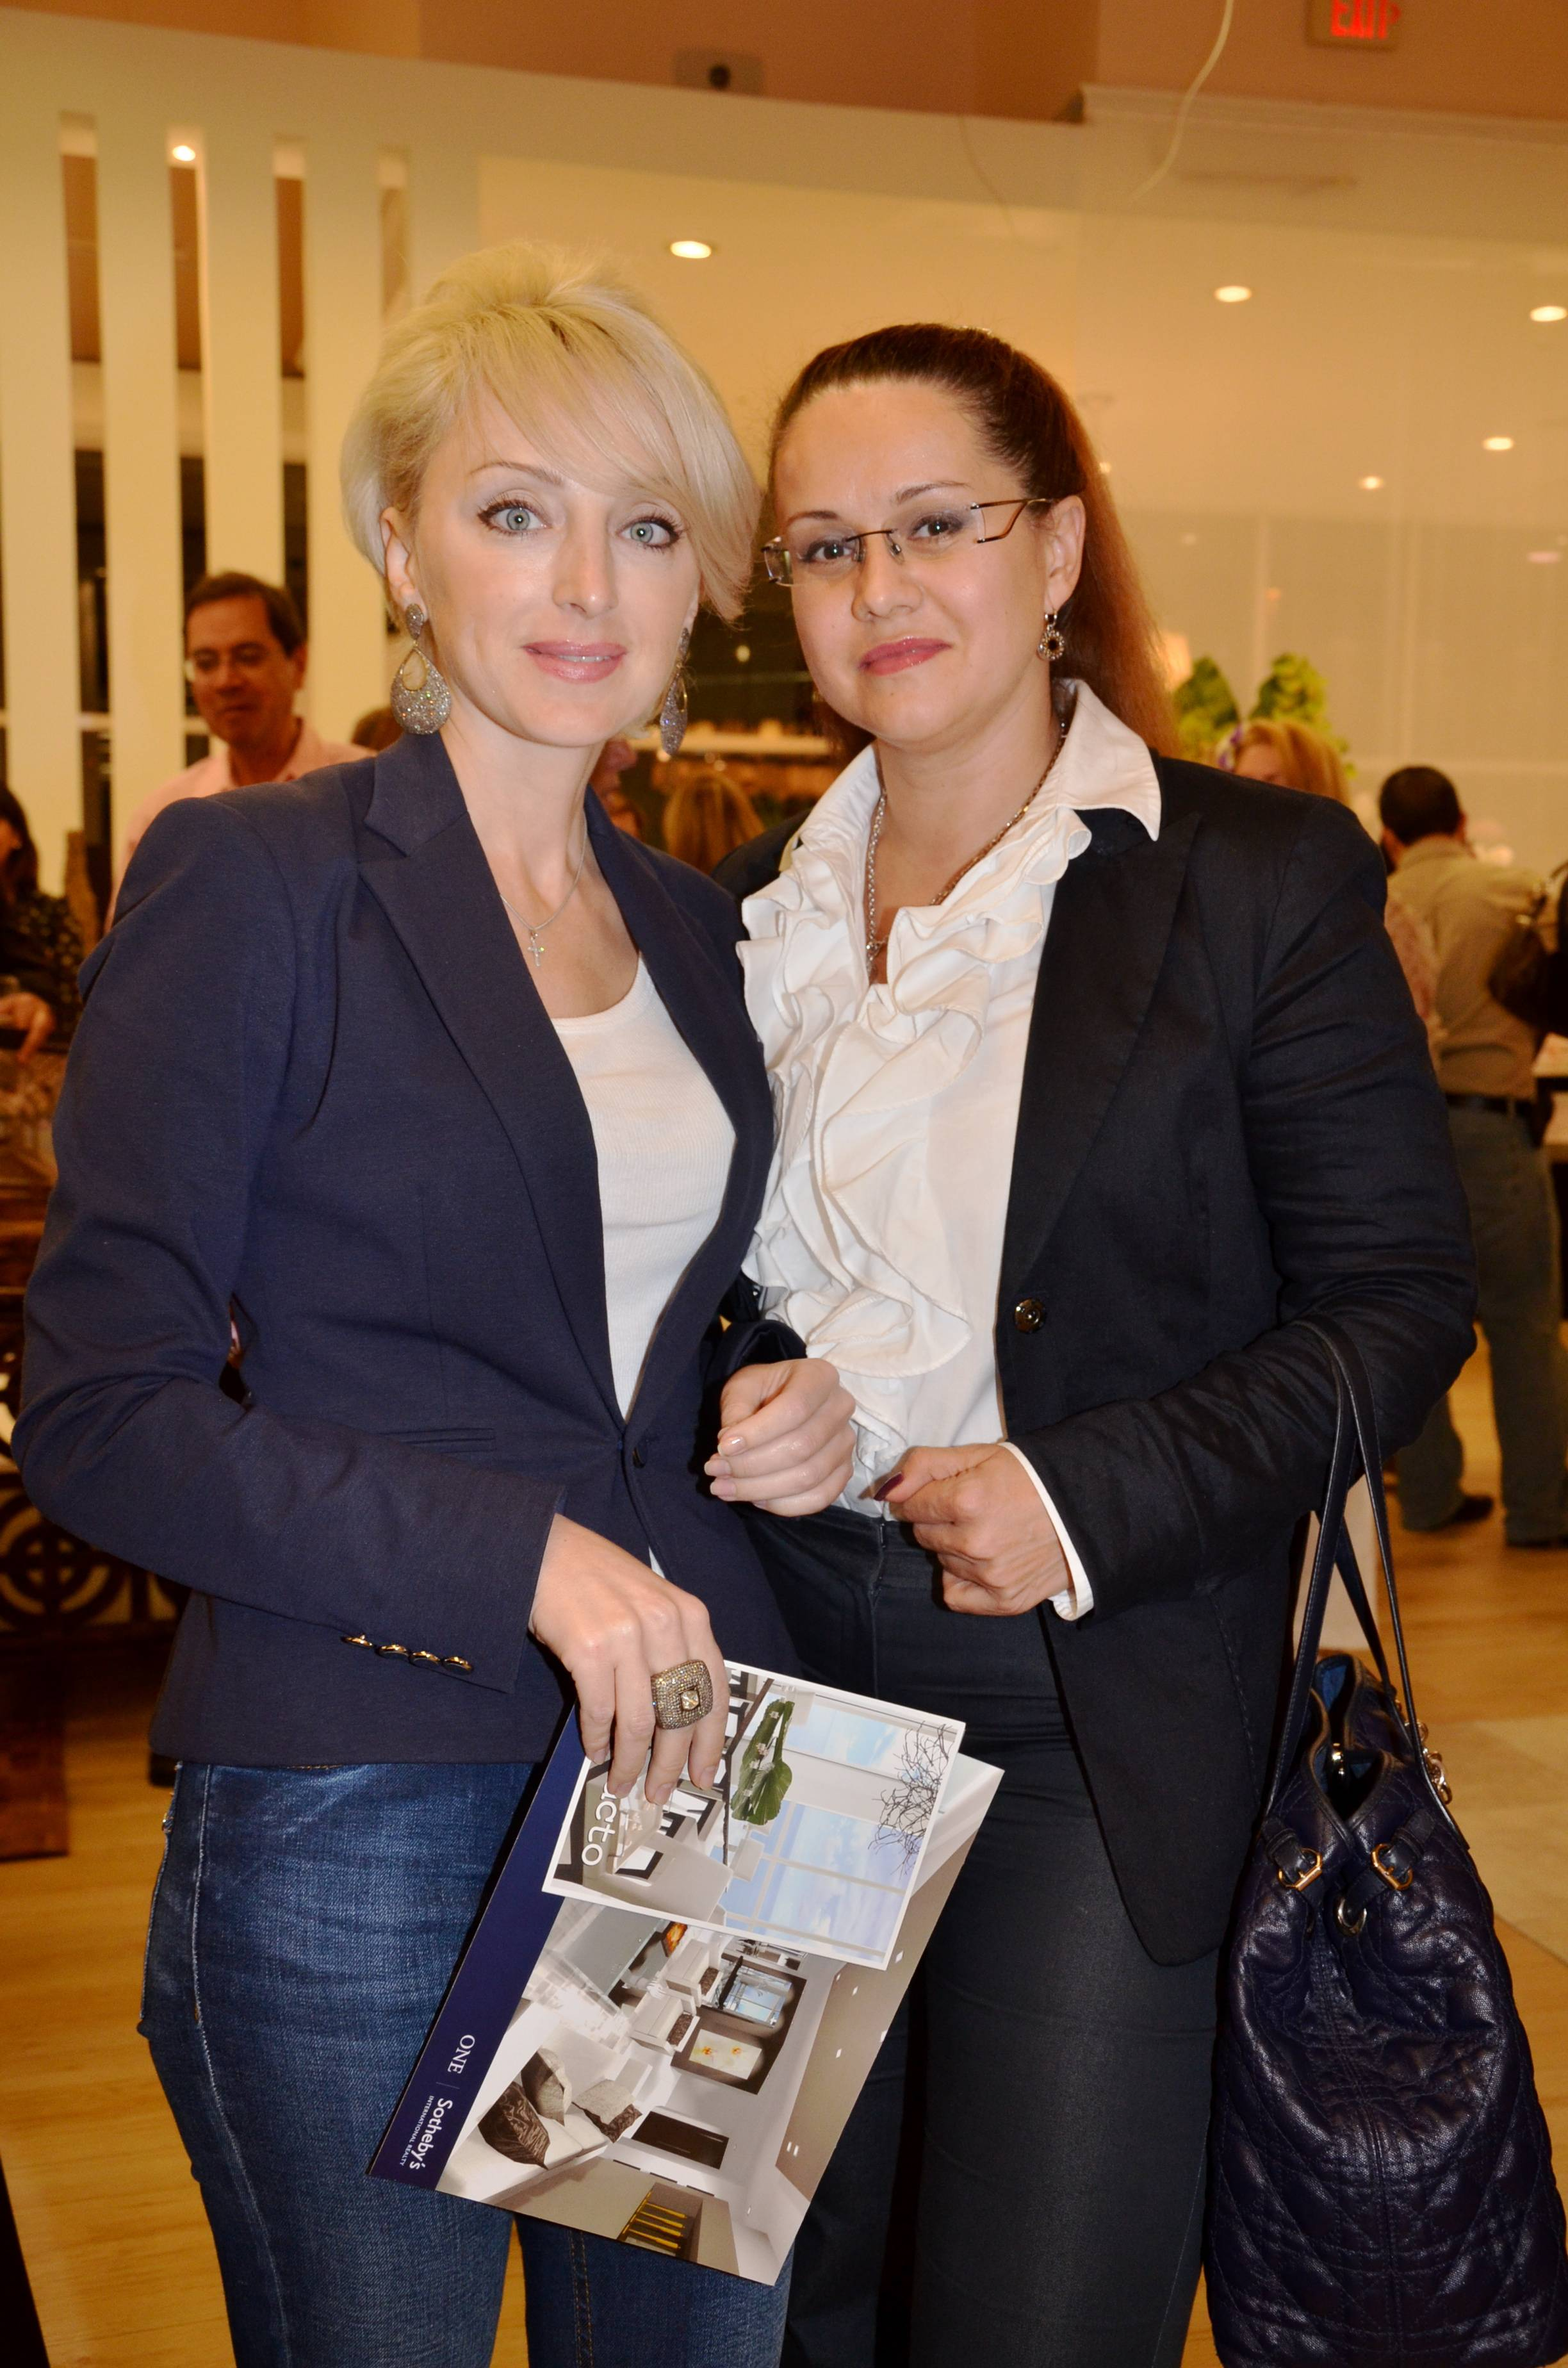 Olga Shepel, Liliya Shmatenkova